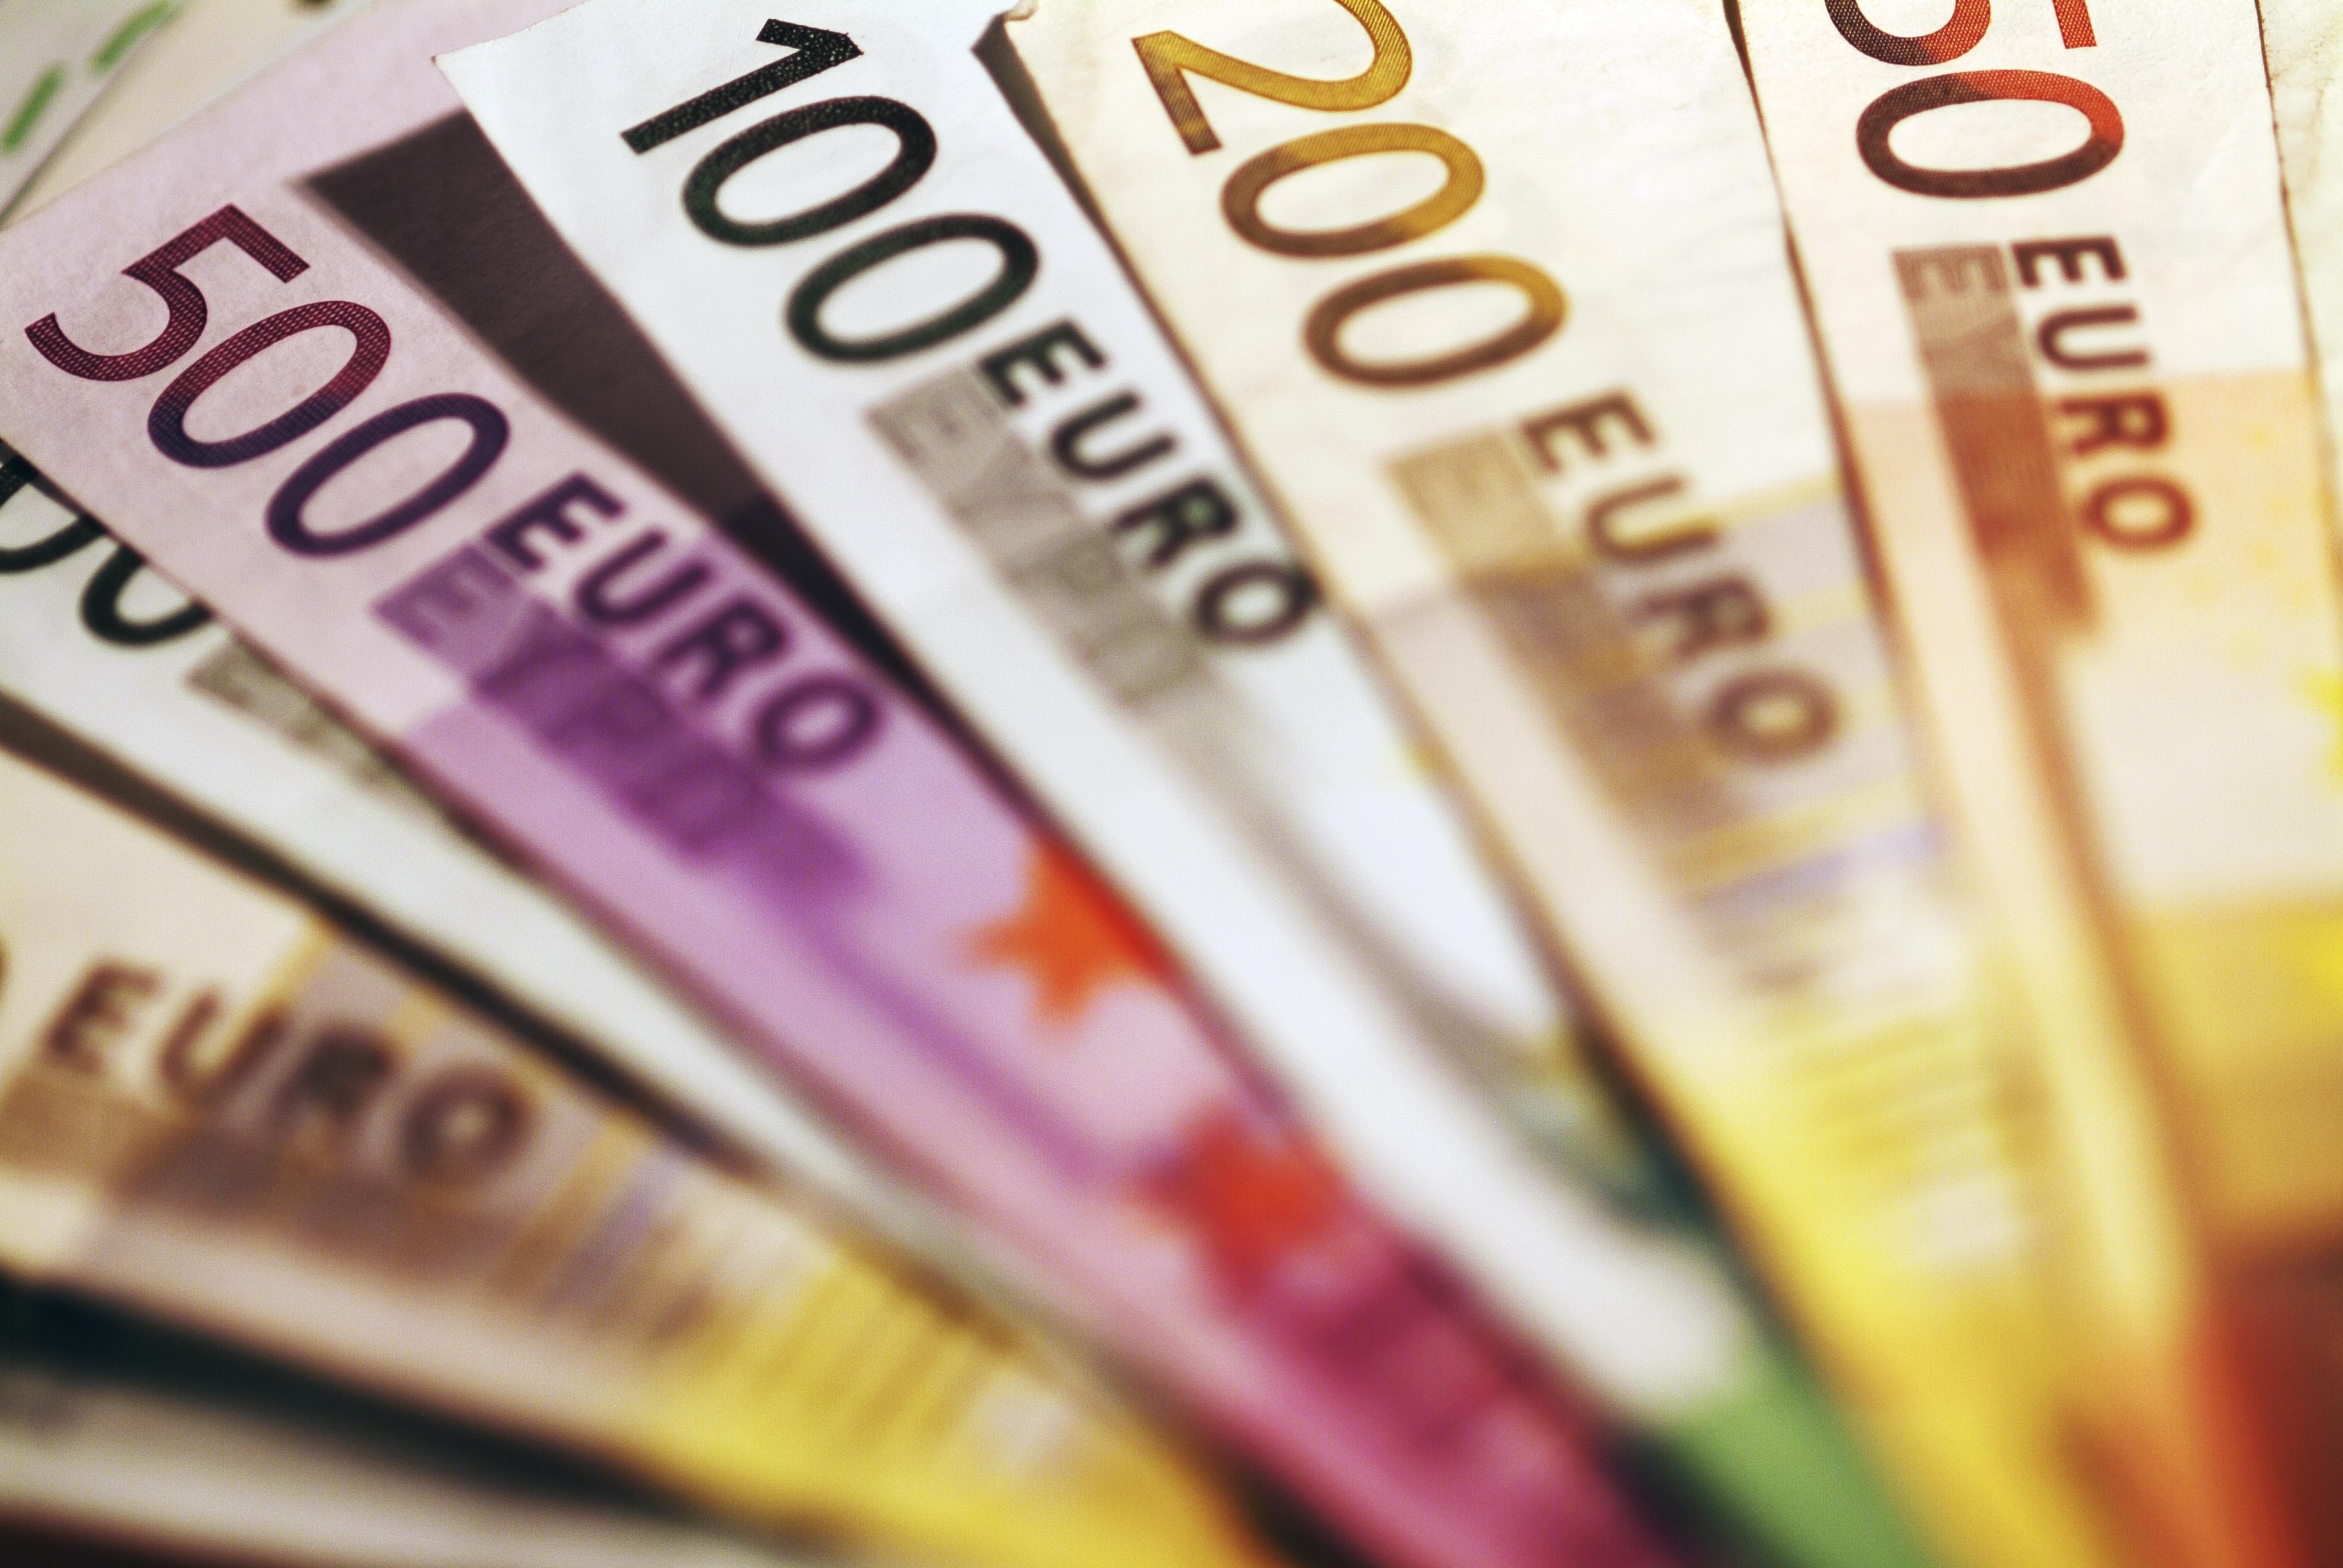 Οικονομικό Επιμελητήριο: Να θεσπισθούν κίνητρα για την εφάπαξ πληρωμή φόρου   tovima.gr